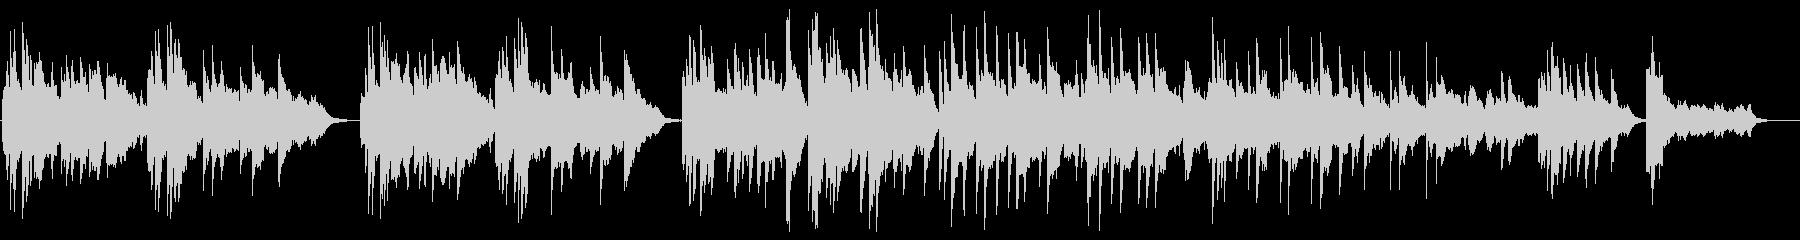 ピアノによるリラクゼーションミュージックの未再生の波形